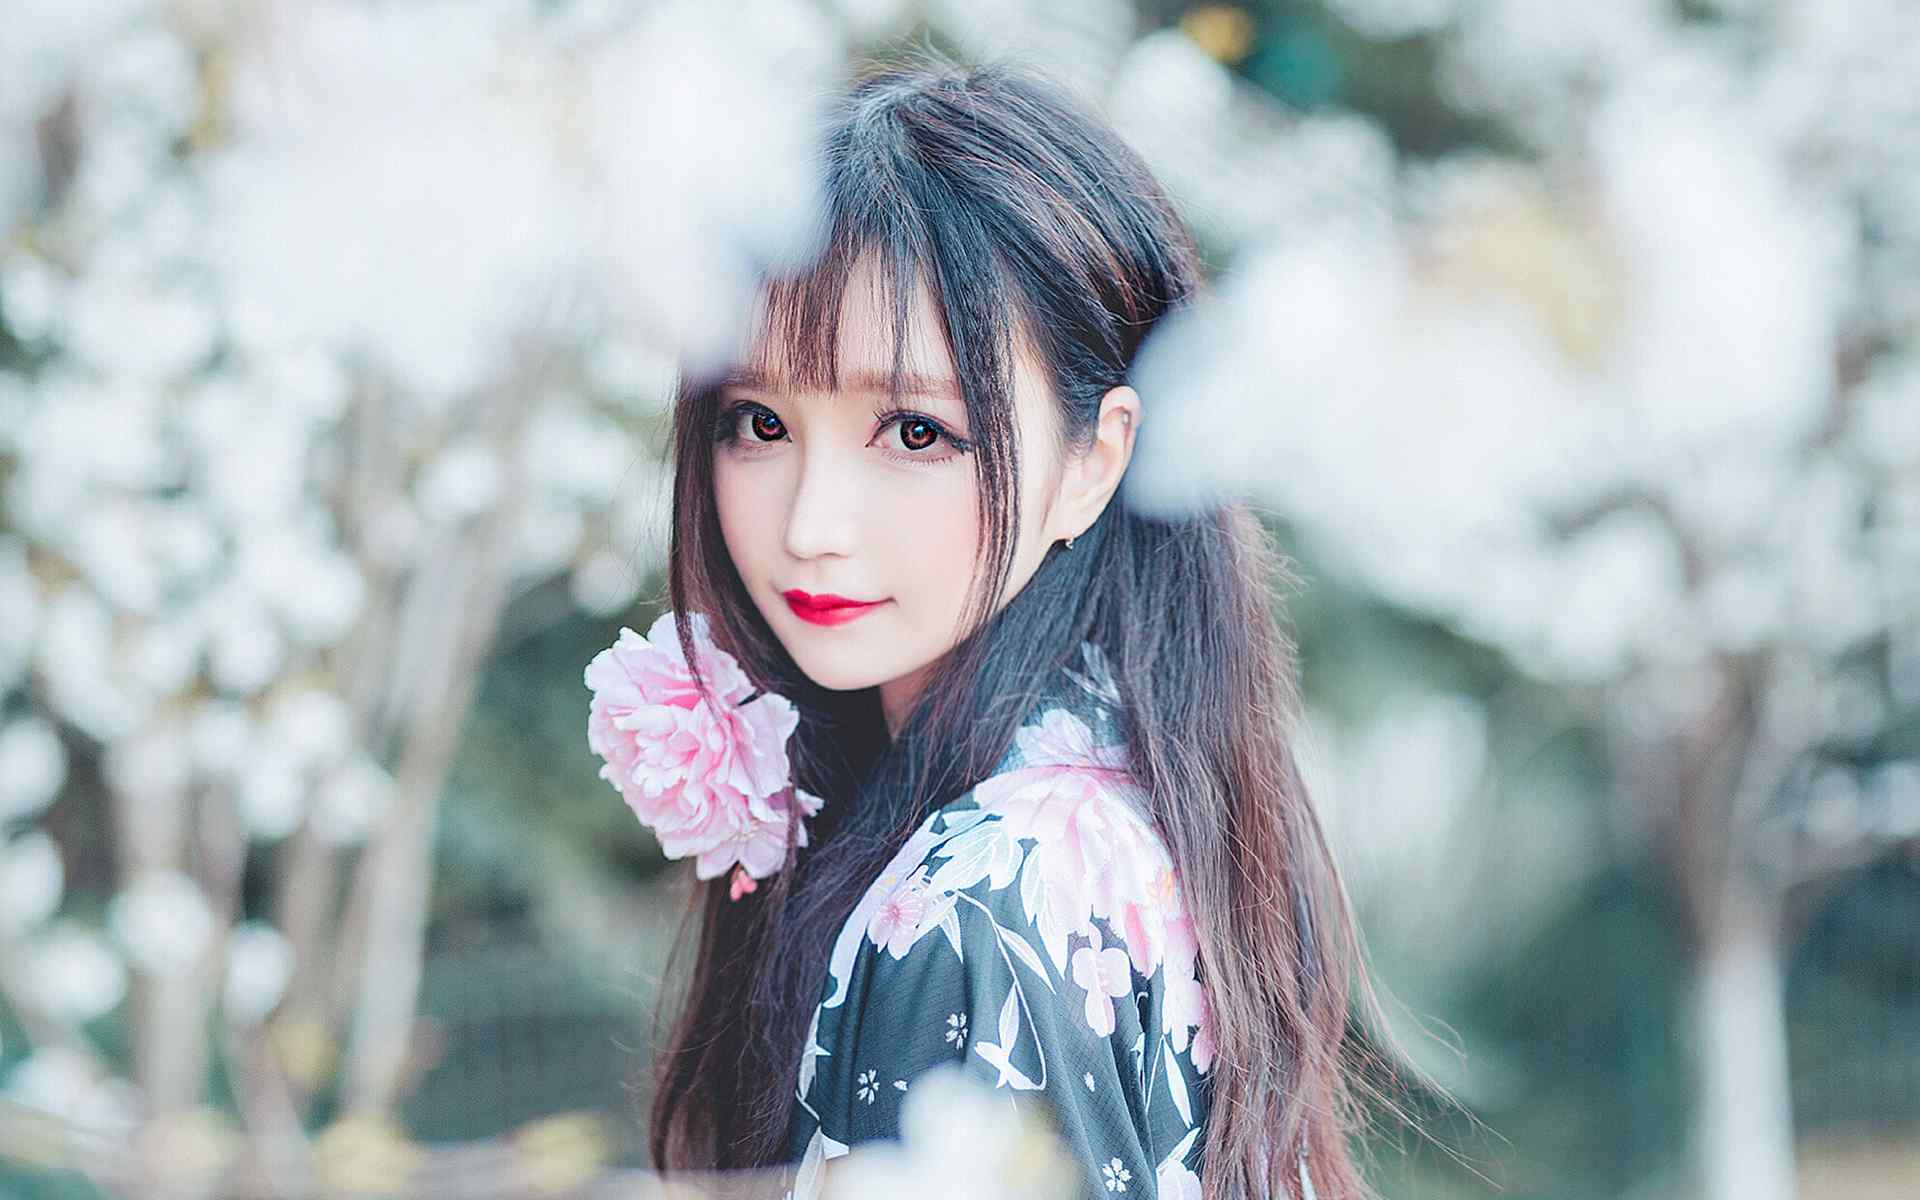 日本美女和服a和服大眼高清性感唯美壁纸美女壁会谁林大桌面最舞图片